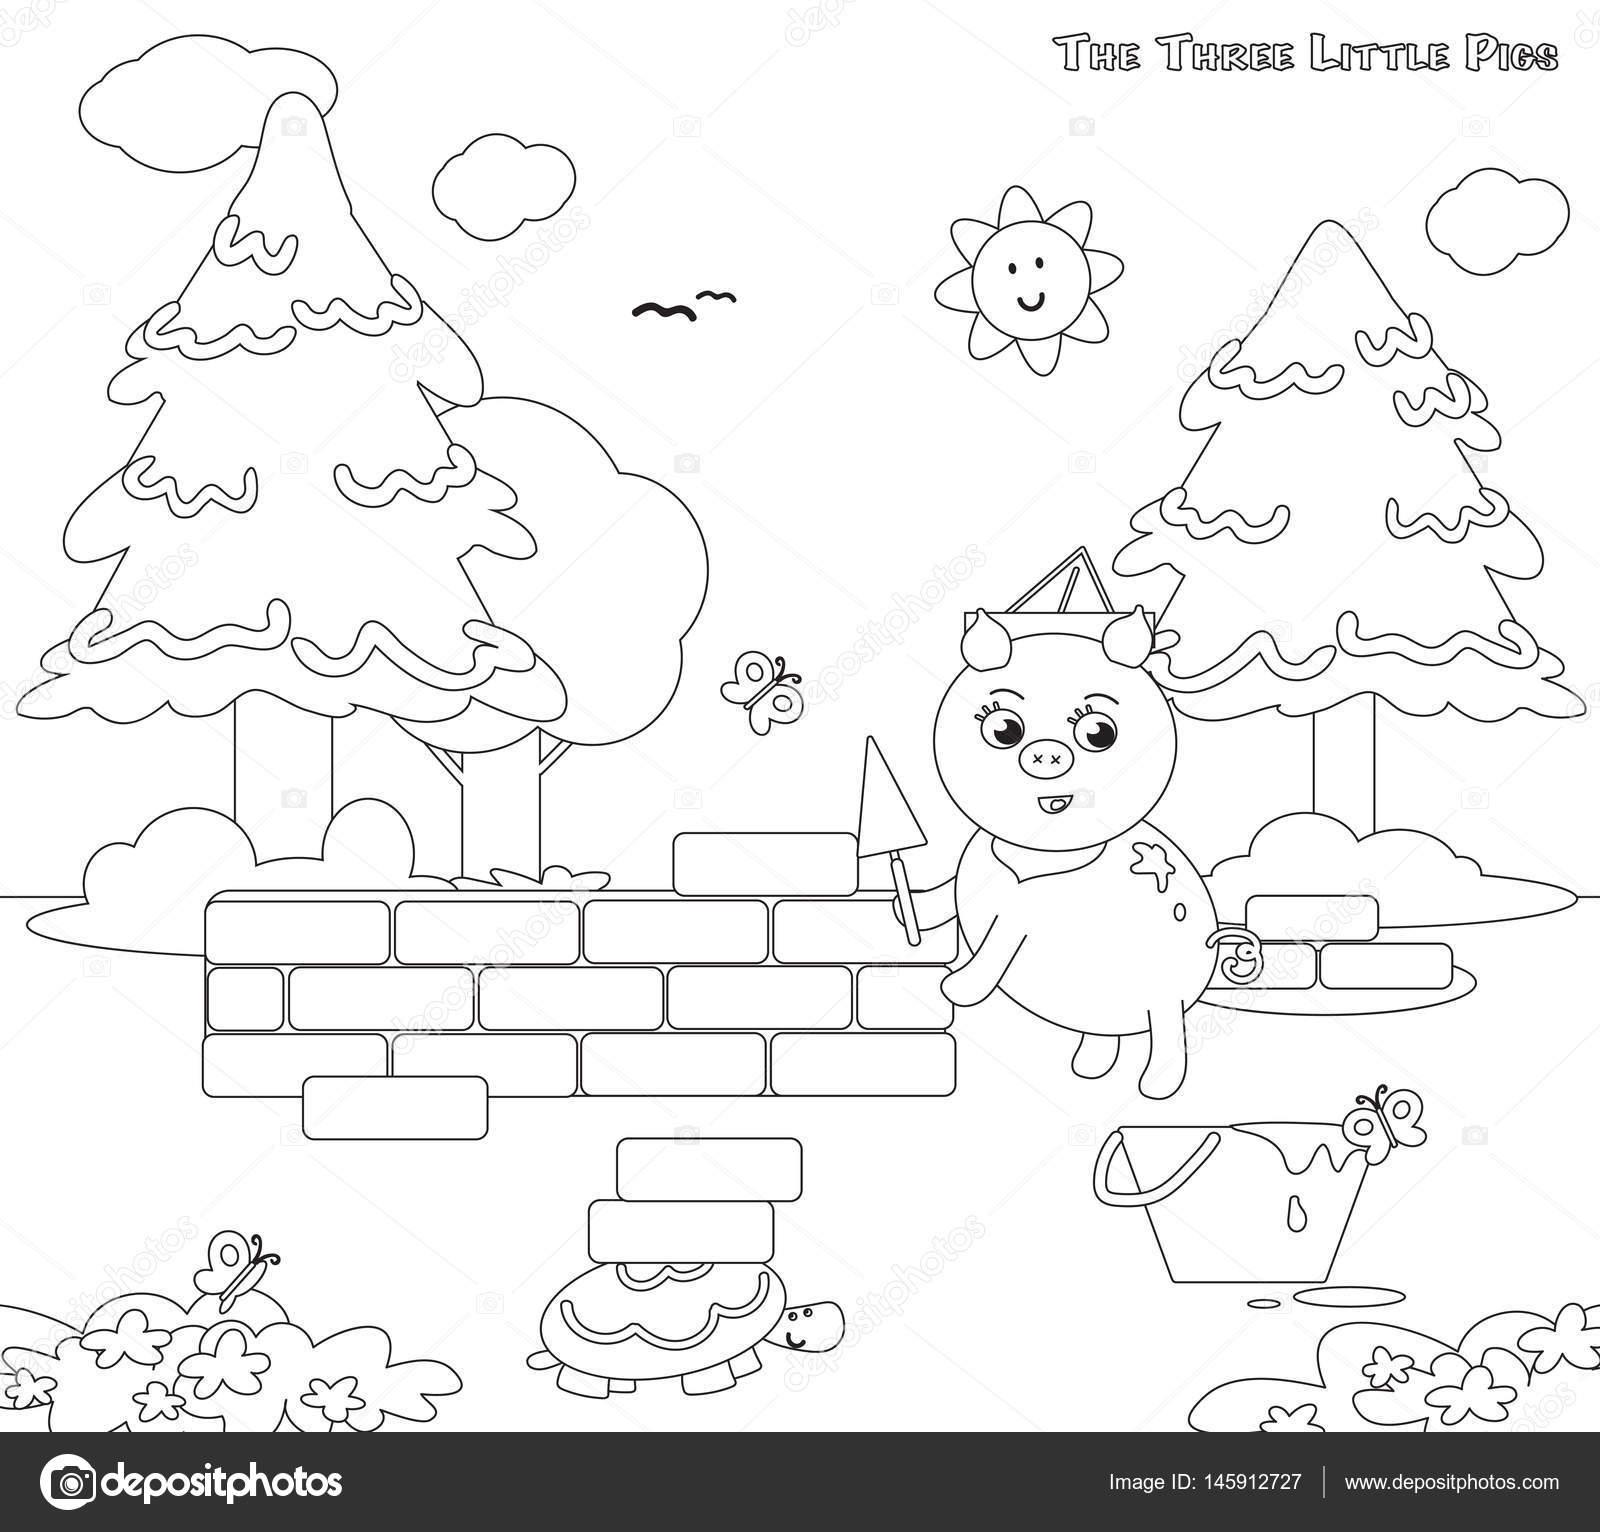 Coloriage Maison Cochon.Coloriage Les Trois Petits Cochons 7 La Maison De Briques Image